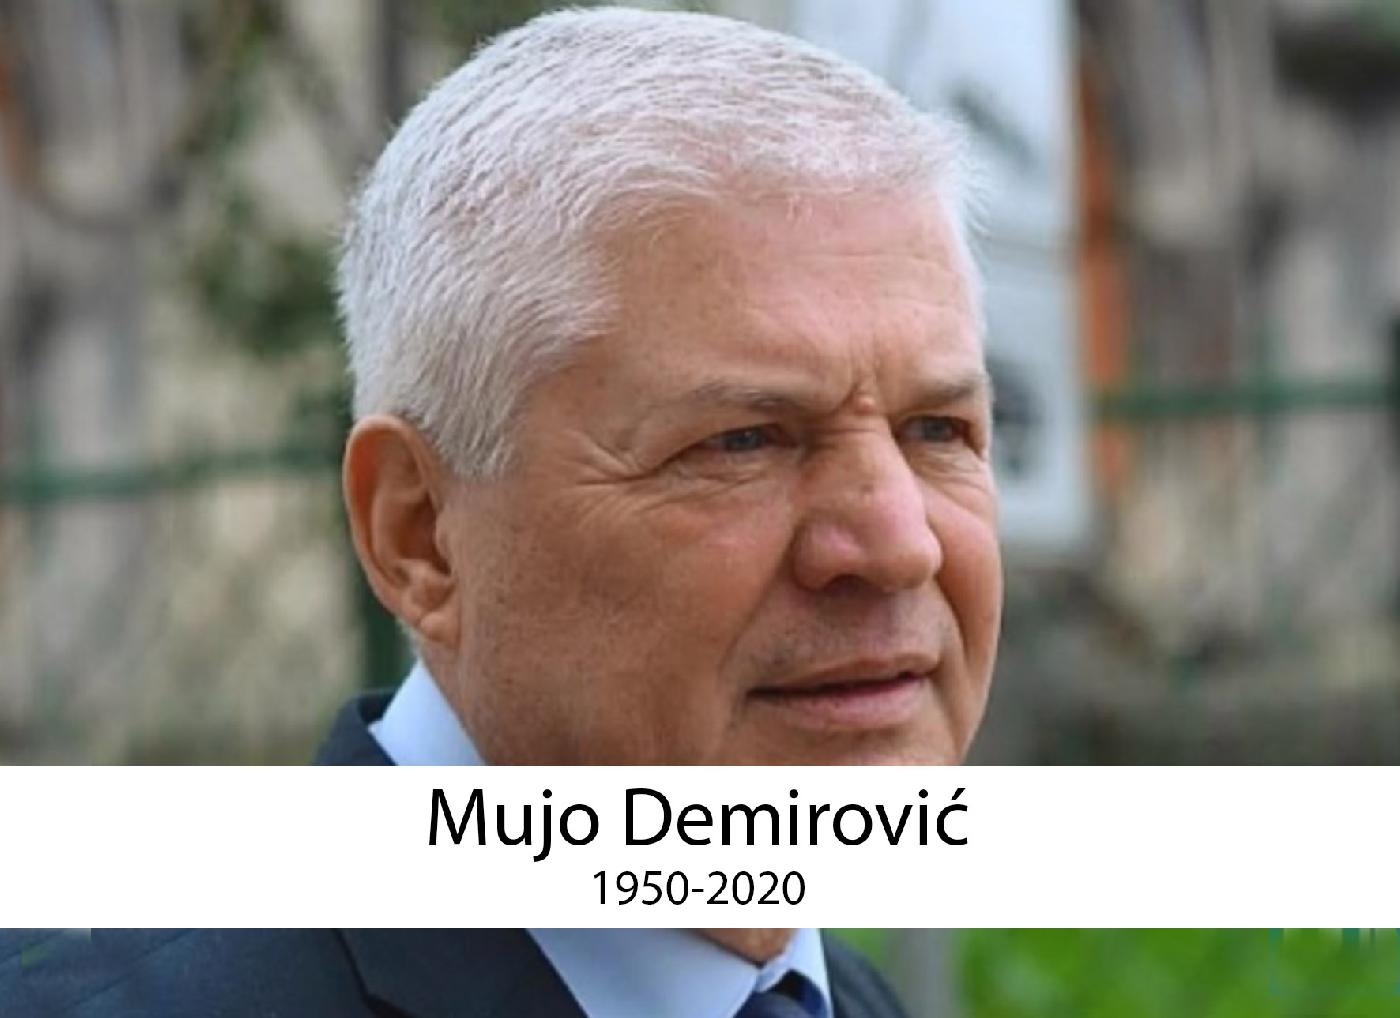 Akademik prof. dr. Mujo Demirović 1950-2020